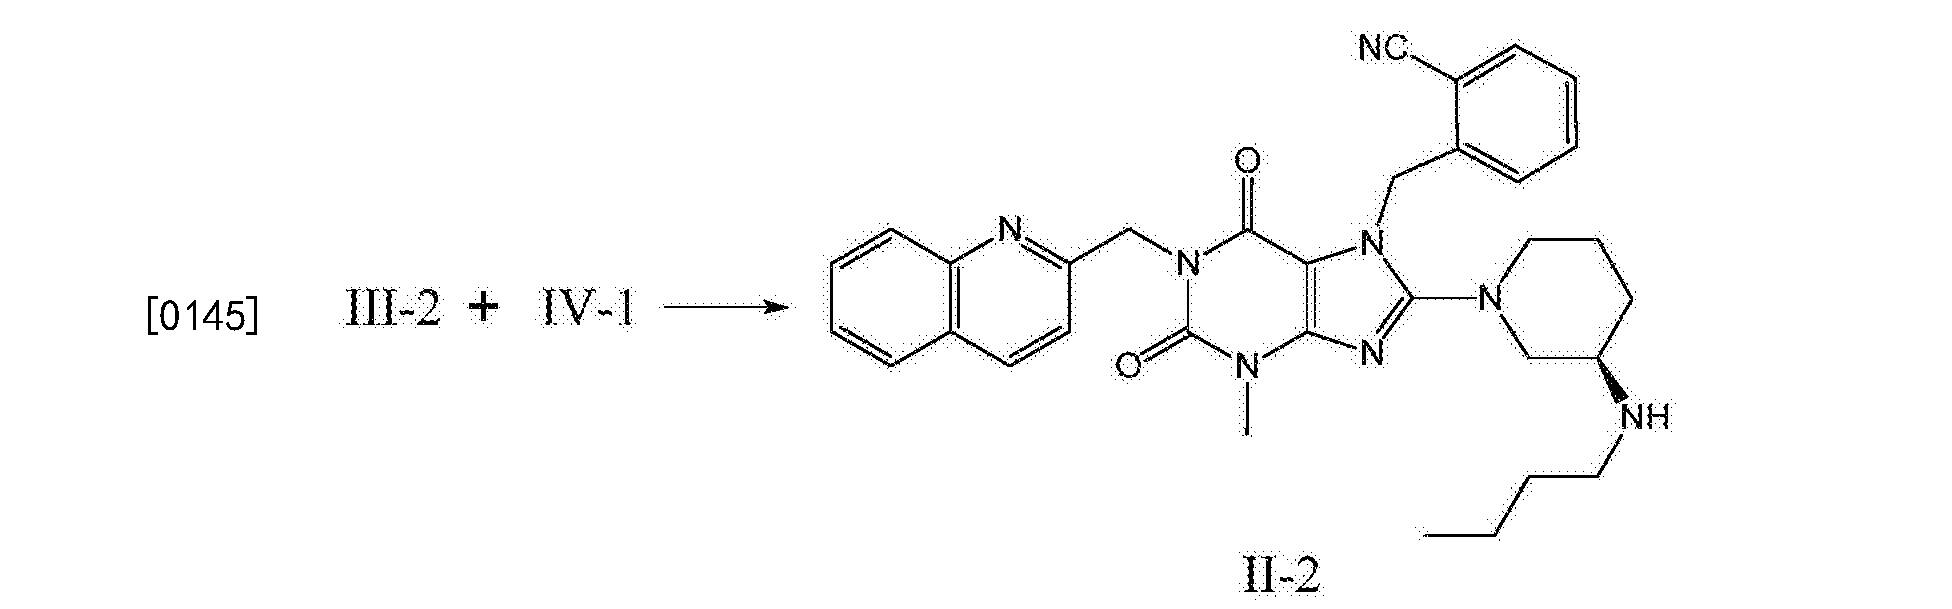 Figure CN105503873BD00161